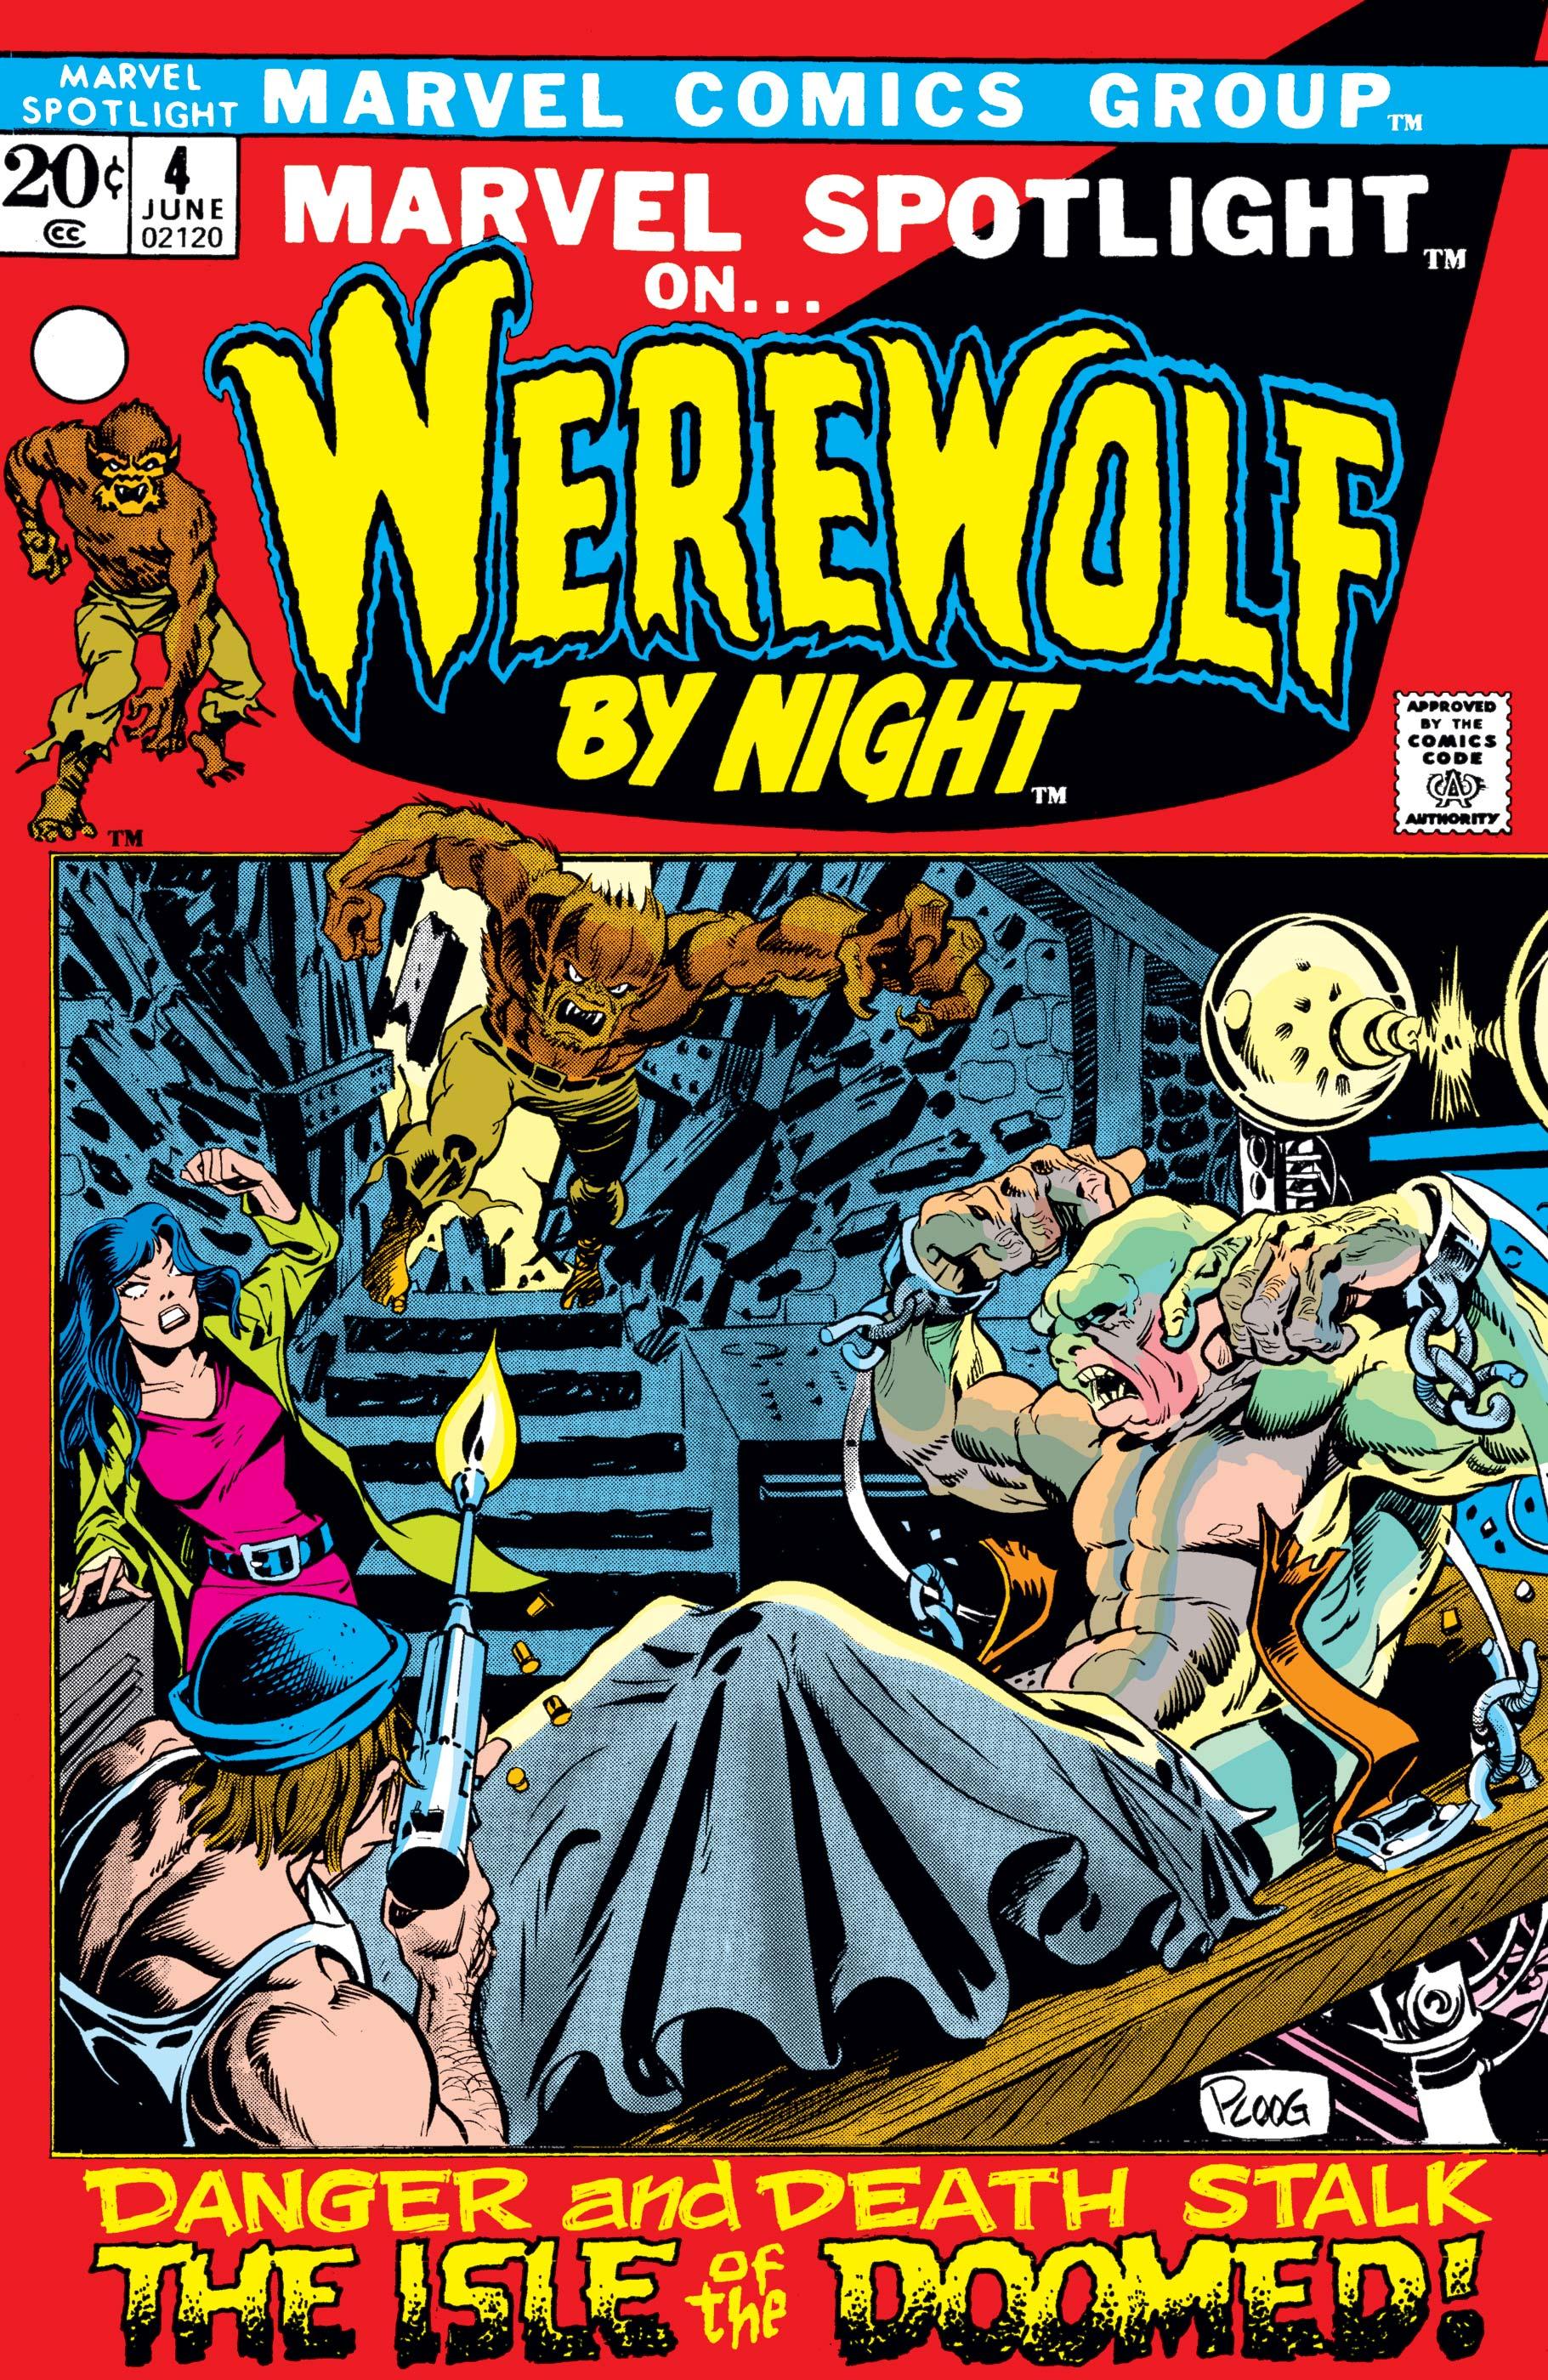 Marvel Spotlight (1971) #4